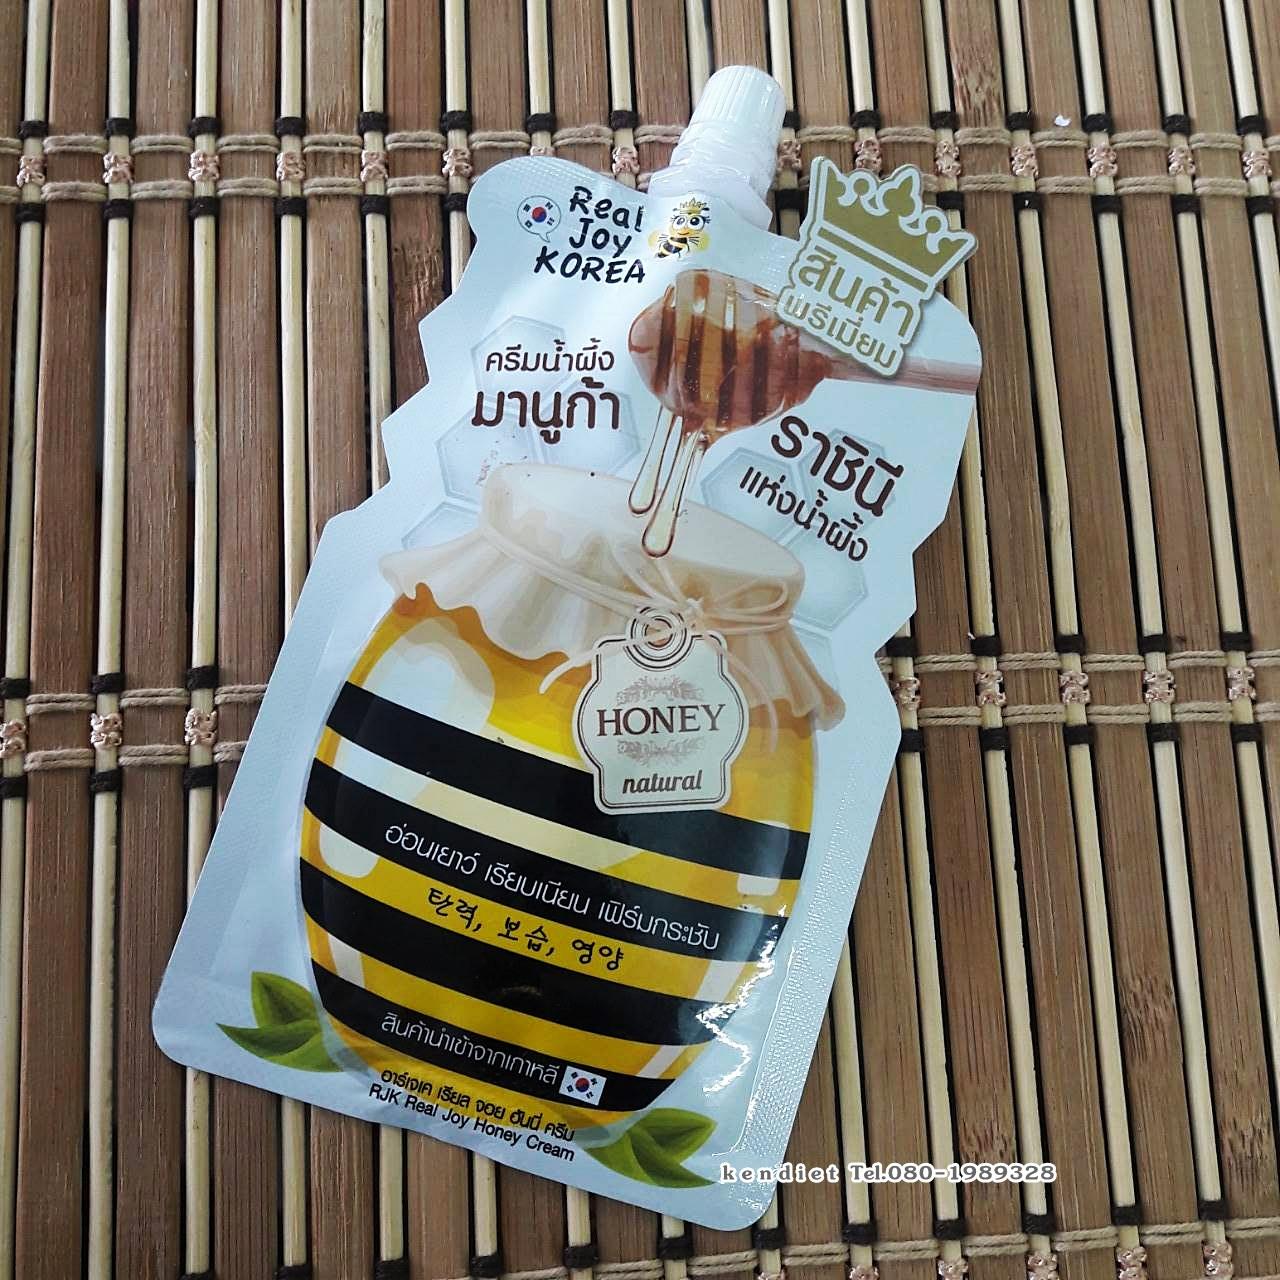 ครีมน้ำผึ้งมานูก้า RJK RealJoy Honey Cream อ่อนเยาว์ เรียบเนียน เฟิร์มกระชับ